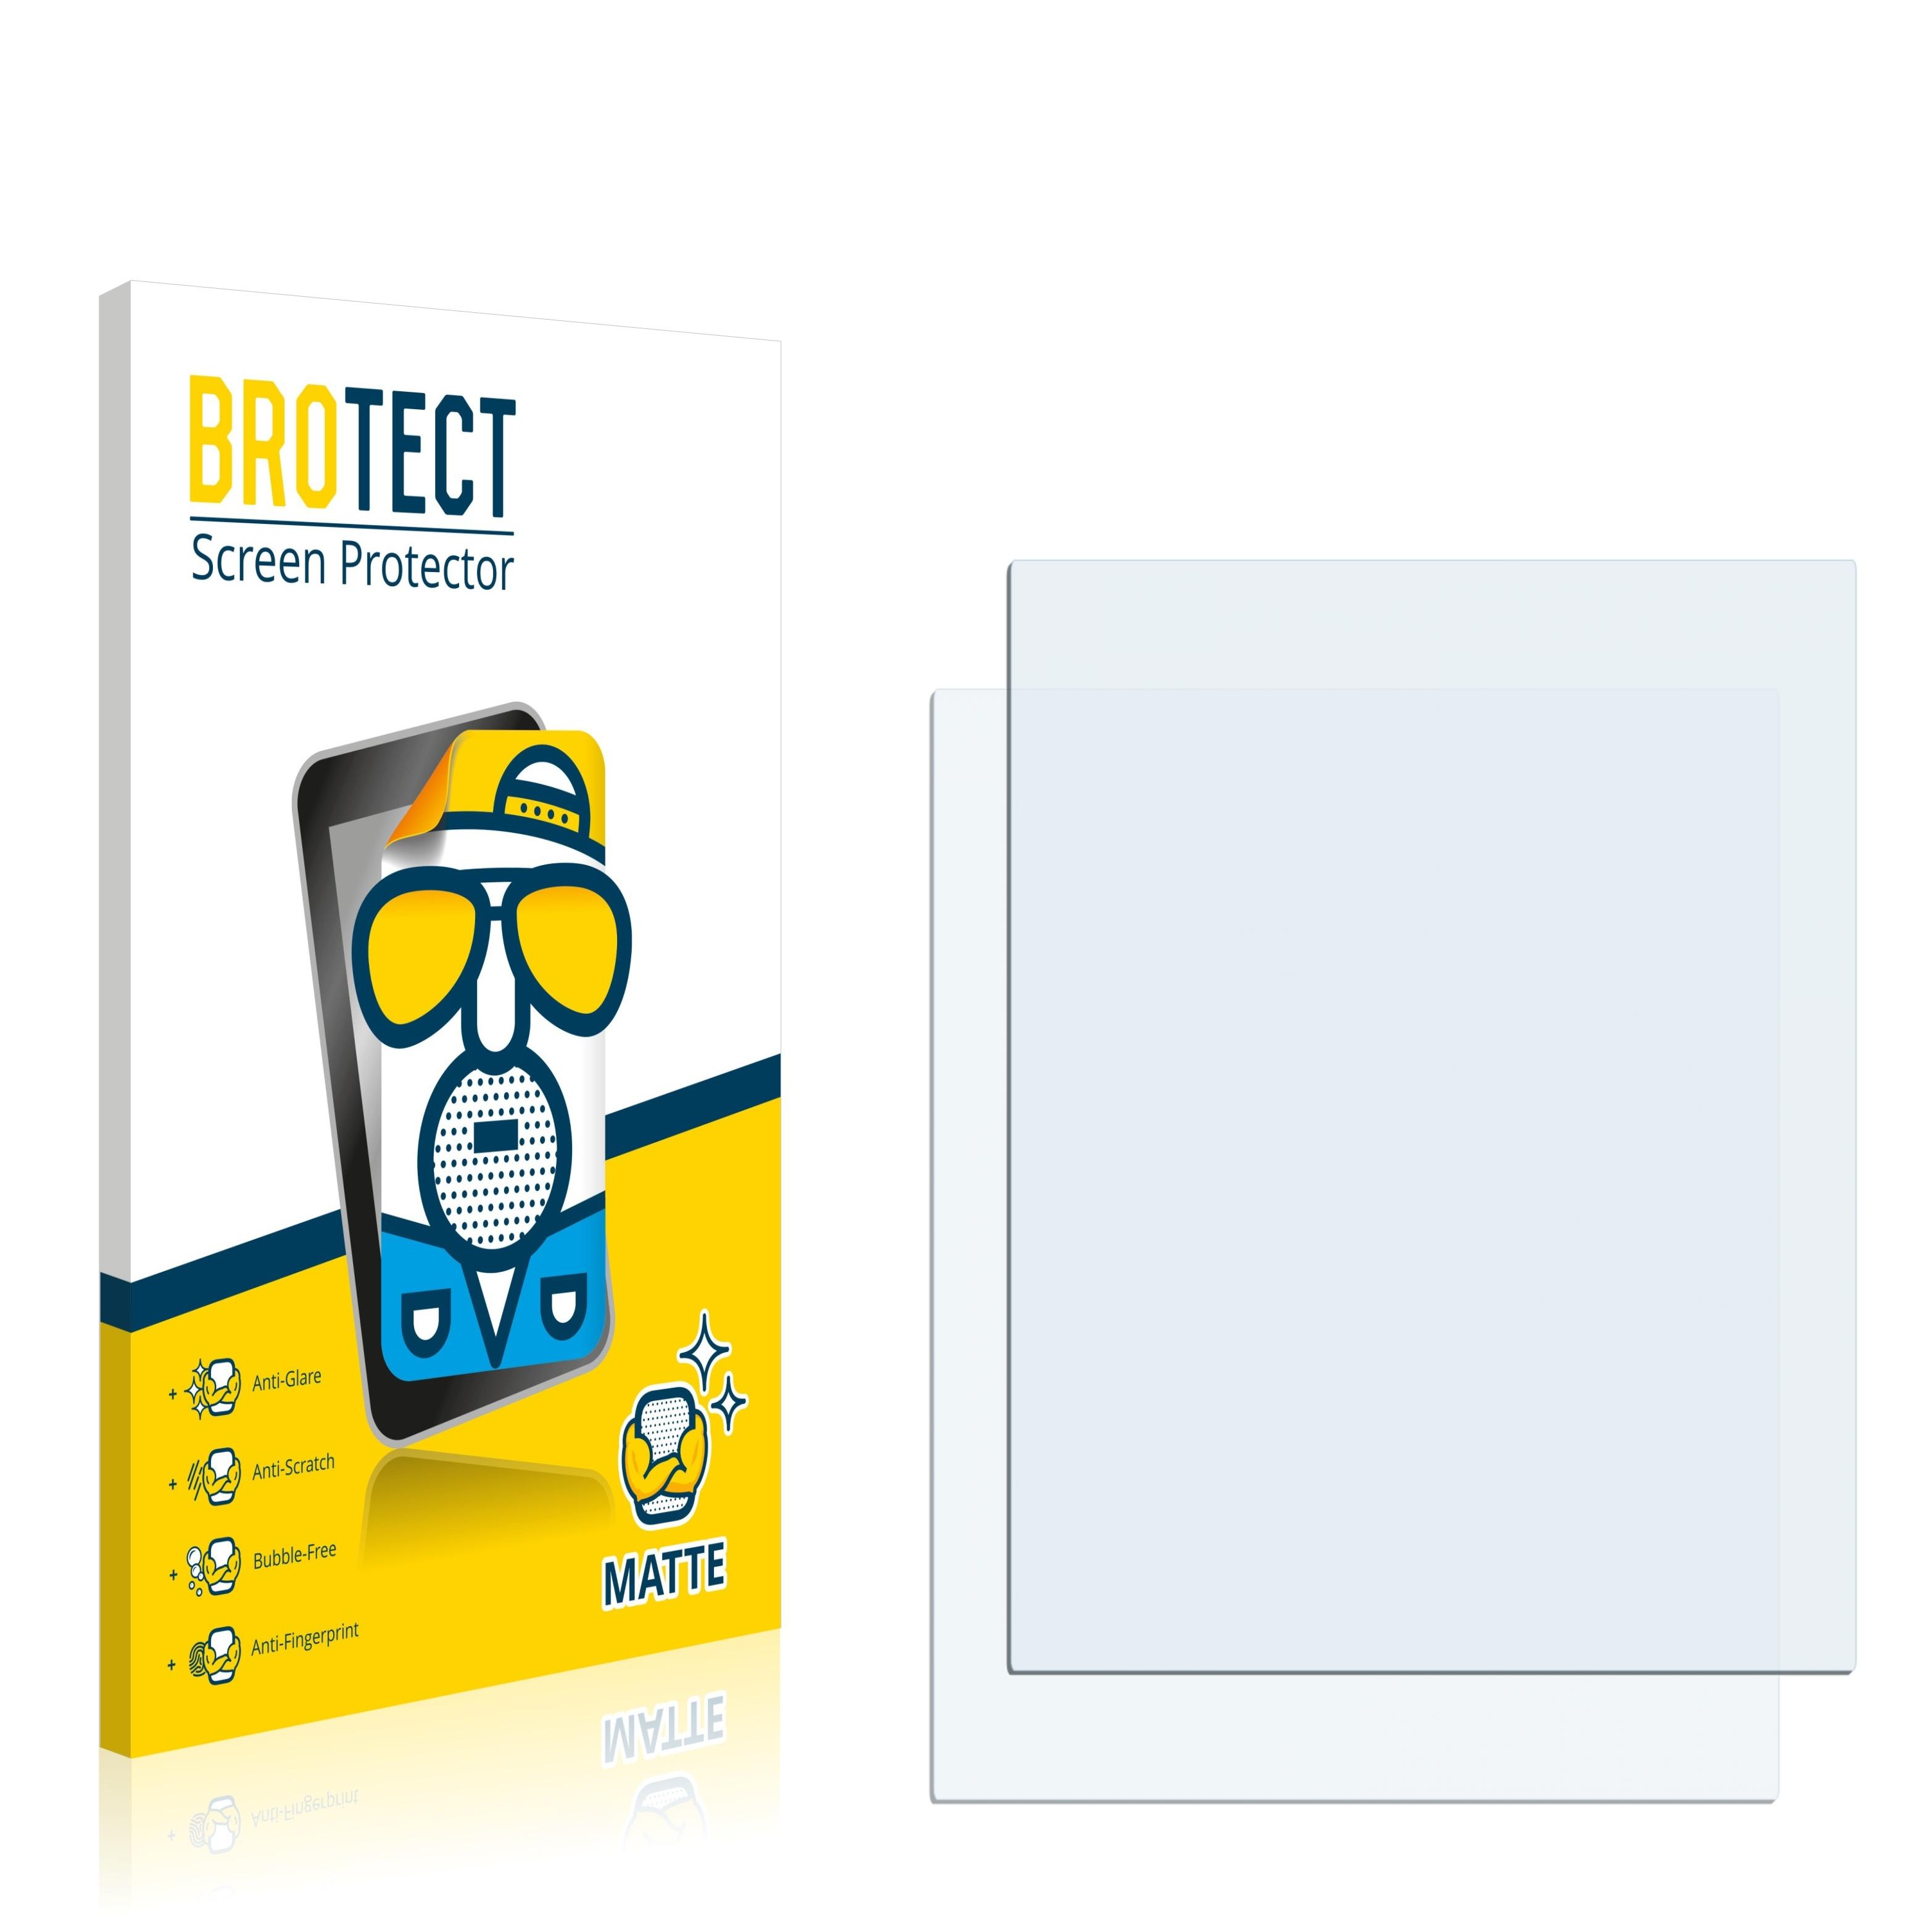 """Matná ochranná fólie BROTECT pro Dotykový panel s displejem 3.9"""" palce [60.2 mm x 79.5 mm, 4:3], 2 ks"""